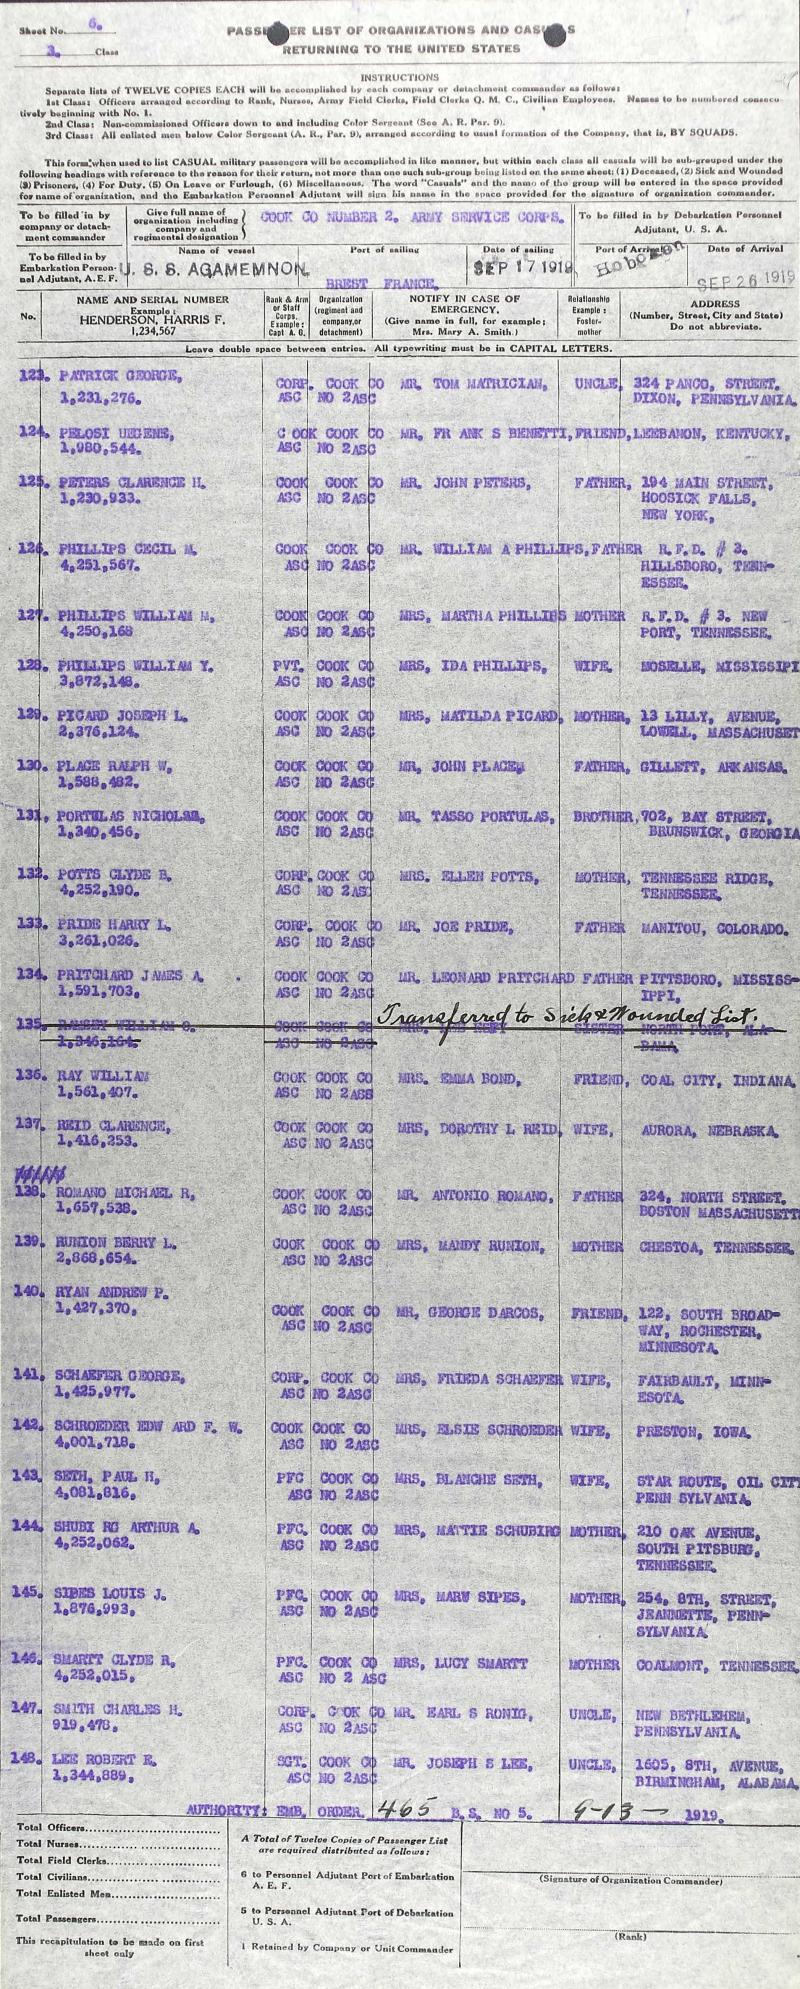 Clyde Brake Agamemnon Brest Hoboken Sept 26 1919